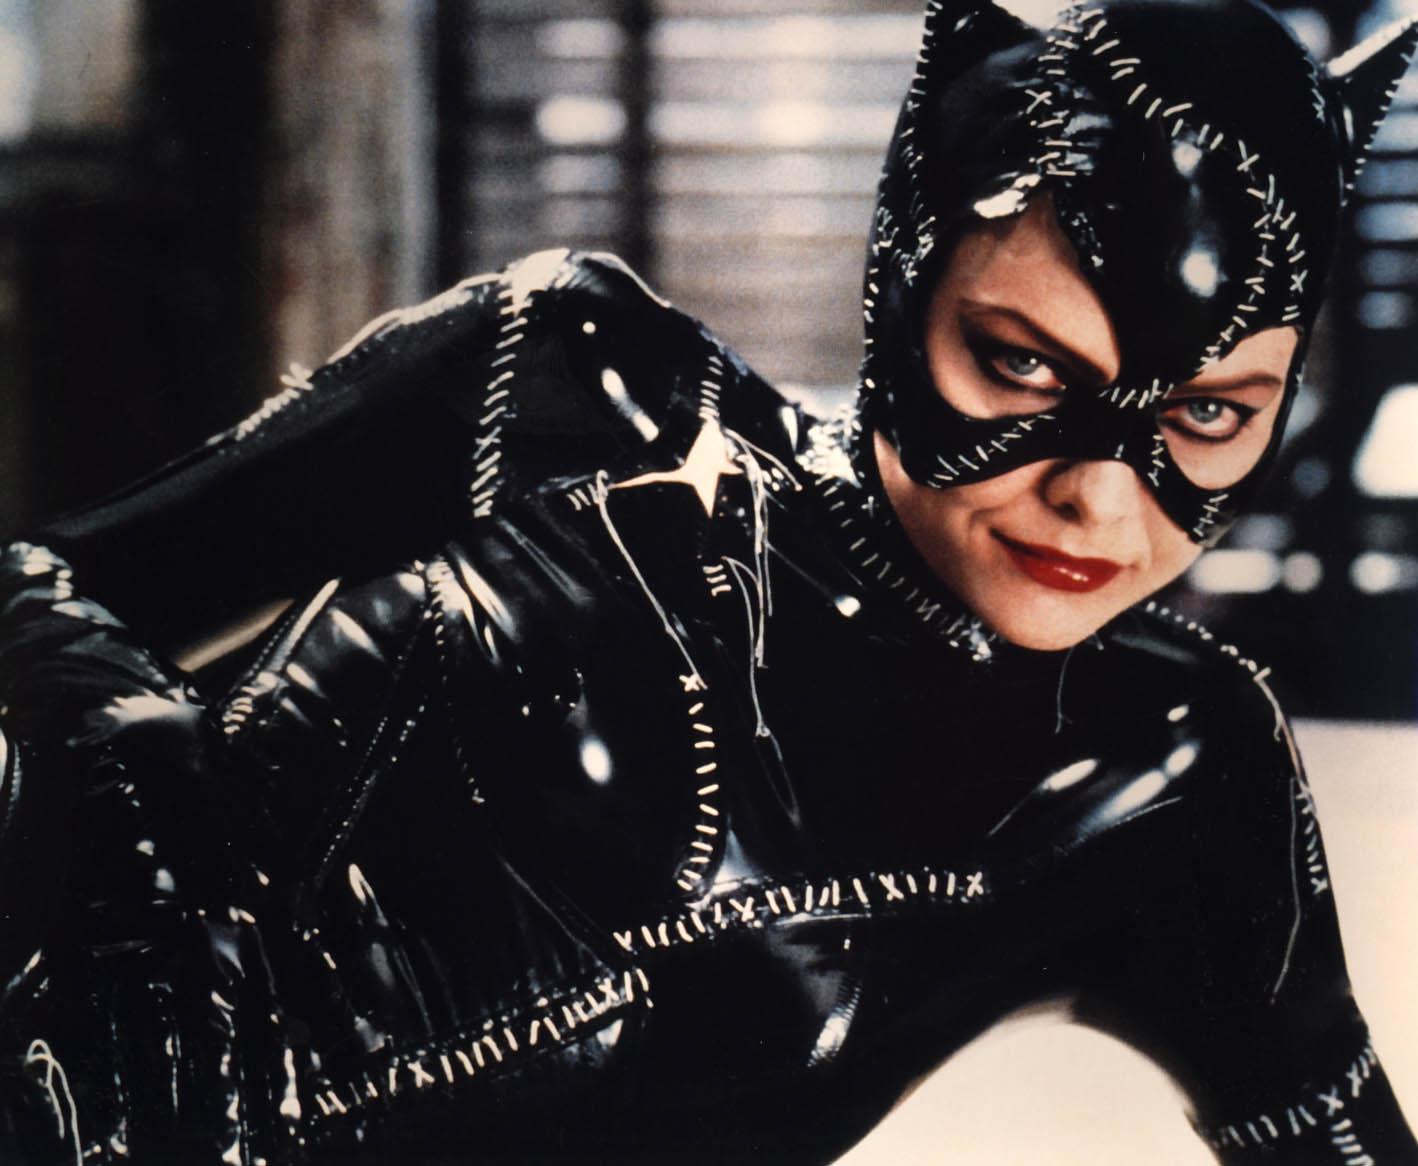 http://1.bp.blogspot.com/_1luLRXKoJM8/S9o5W941dmI/AAAAAAAAi_I/0i5j3HD2Jbs/s1600/catwoman.jpg